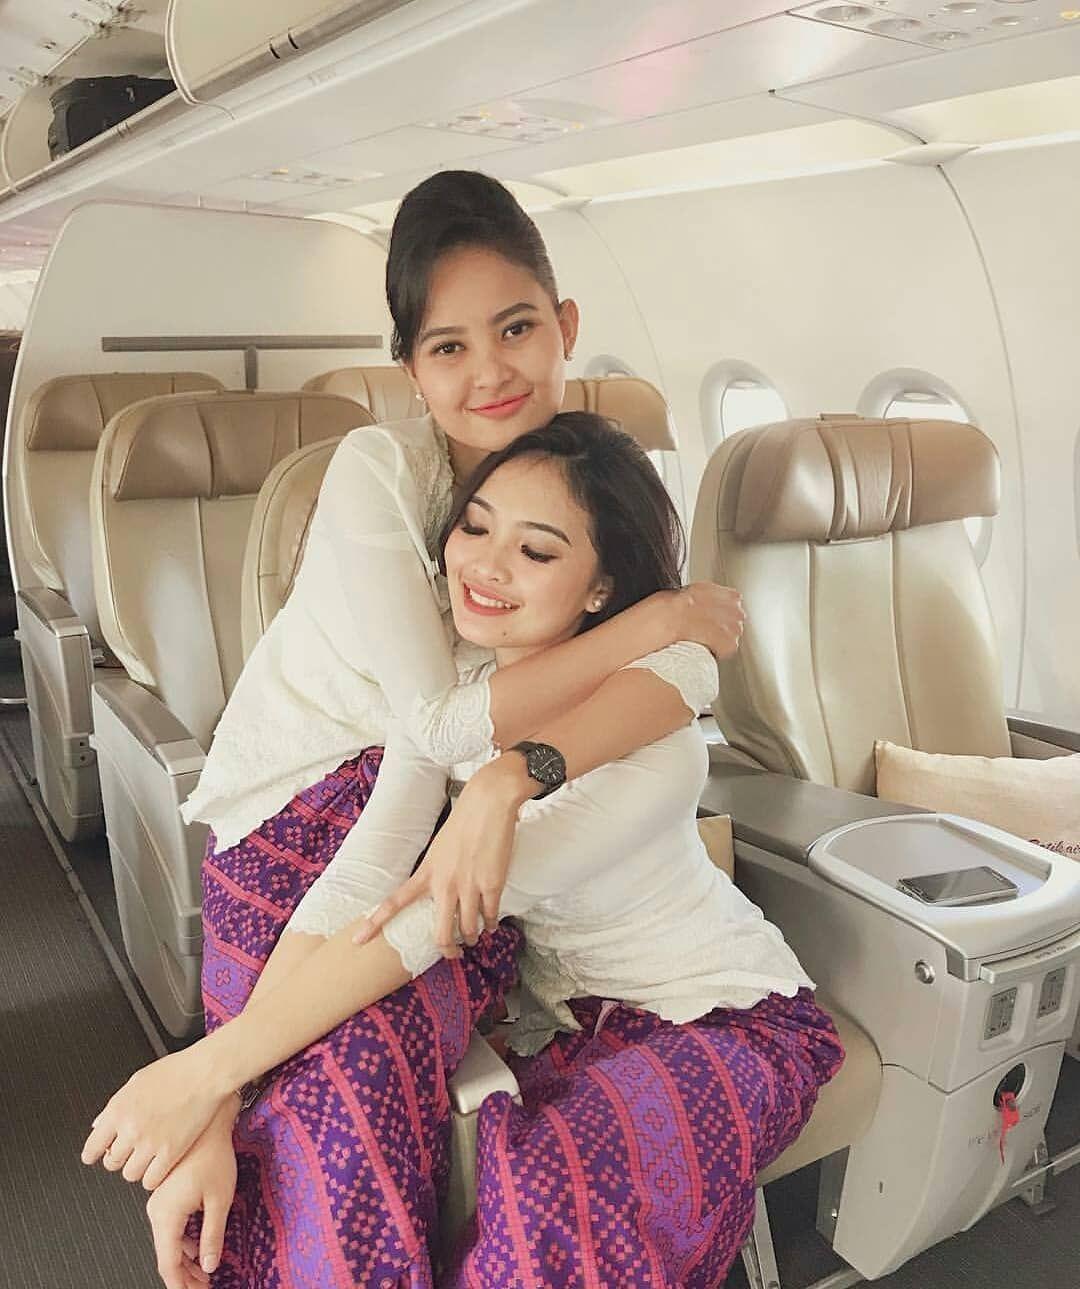 Pramugari Batik Air Di Instagram Peluuk Manjaah Stewardess Aircrew Cabincrew Service Aircrew Flying Pramugari P Pramugari Wanita Terseksi Wanita